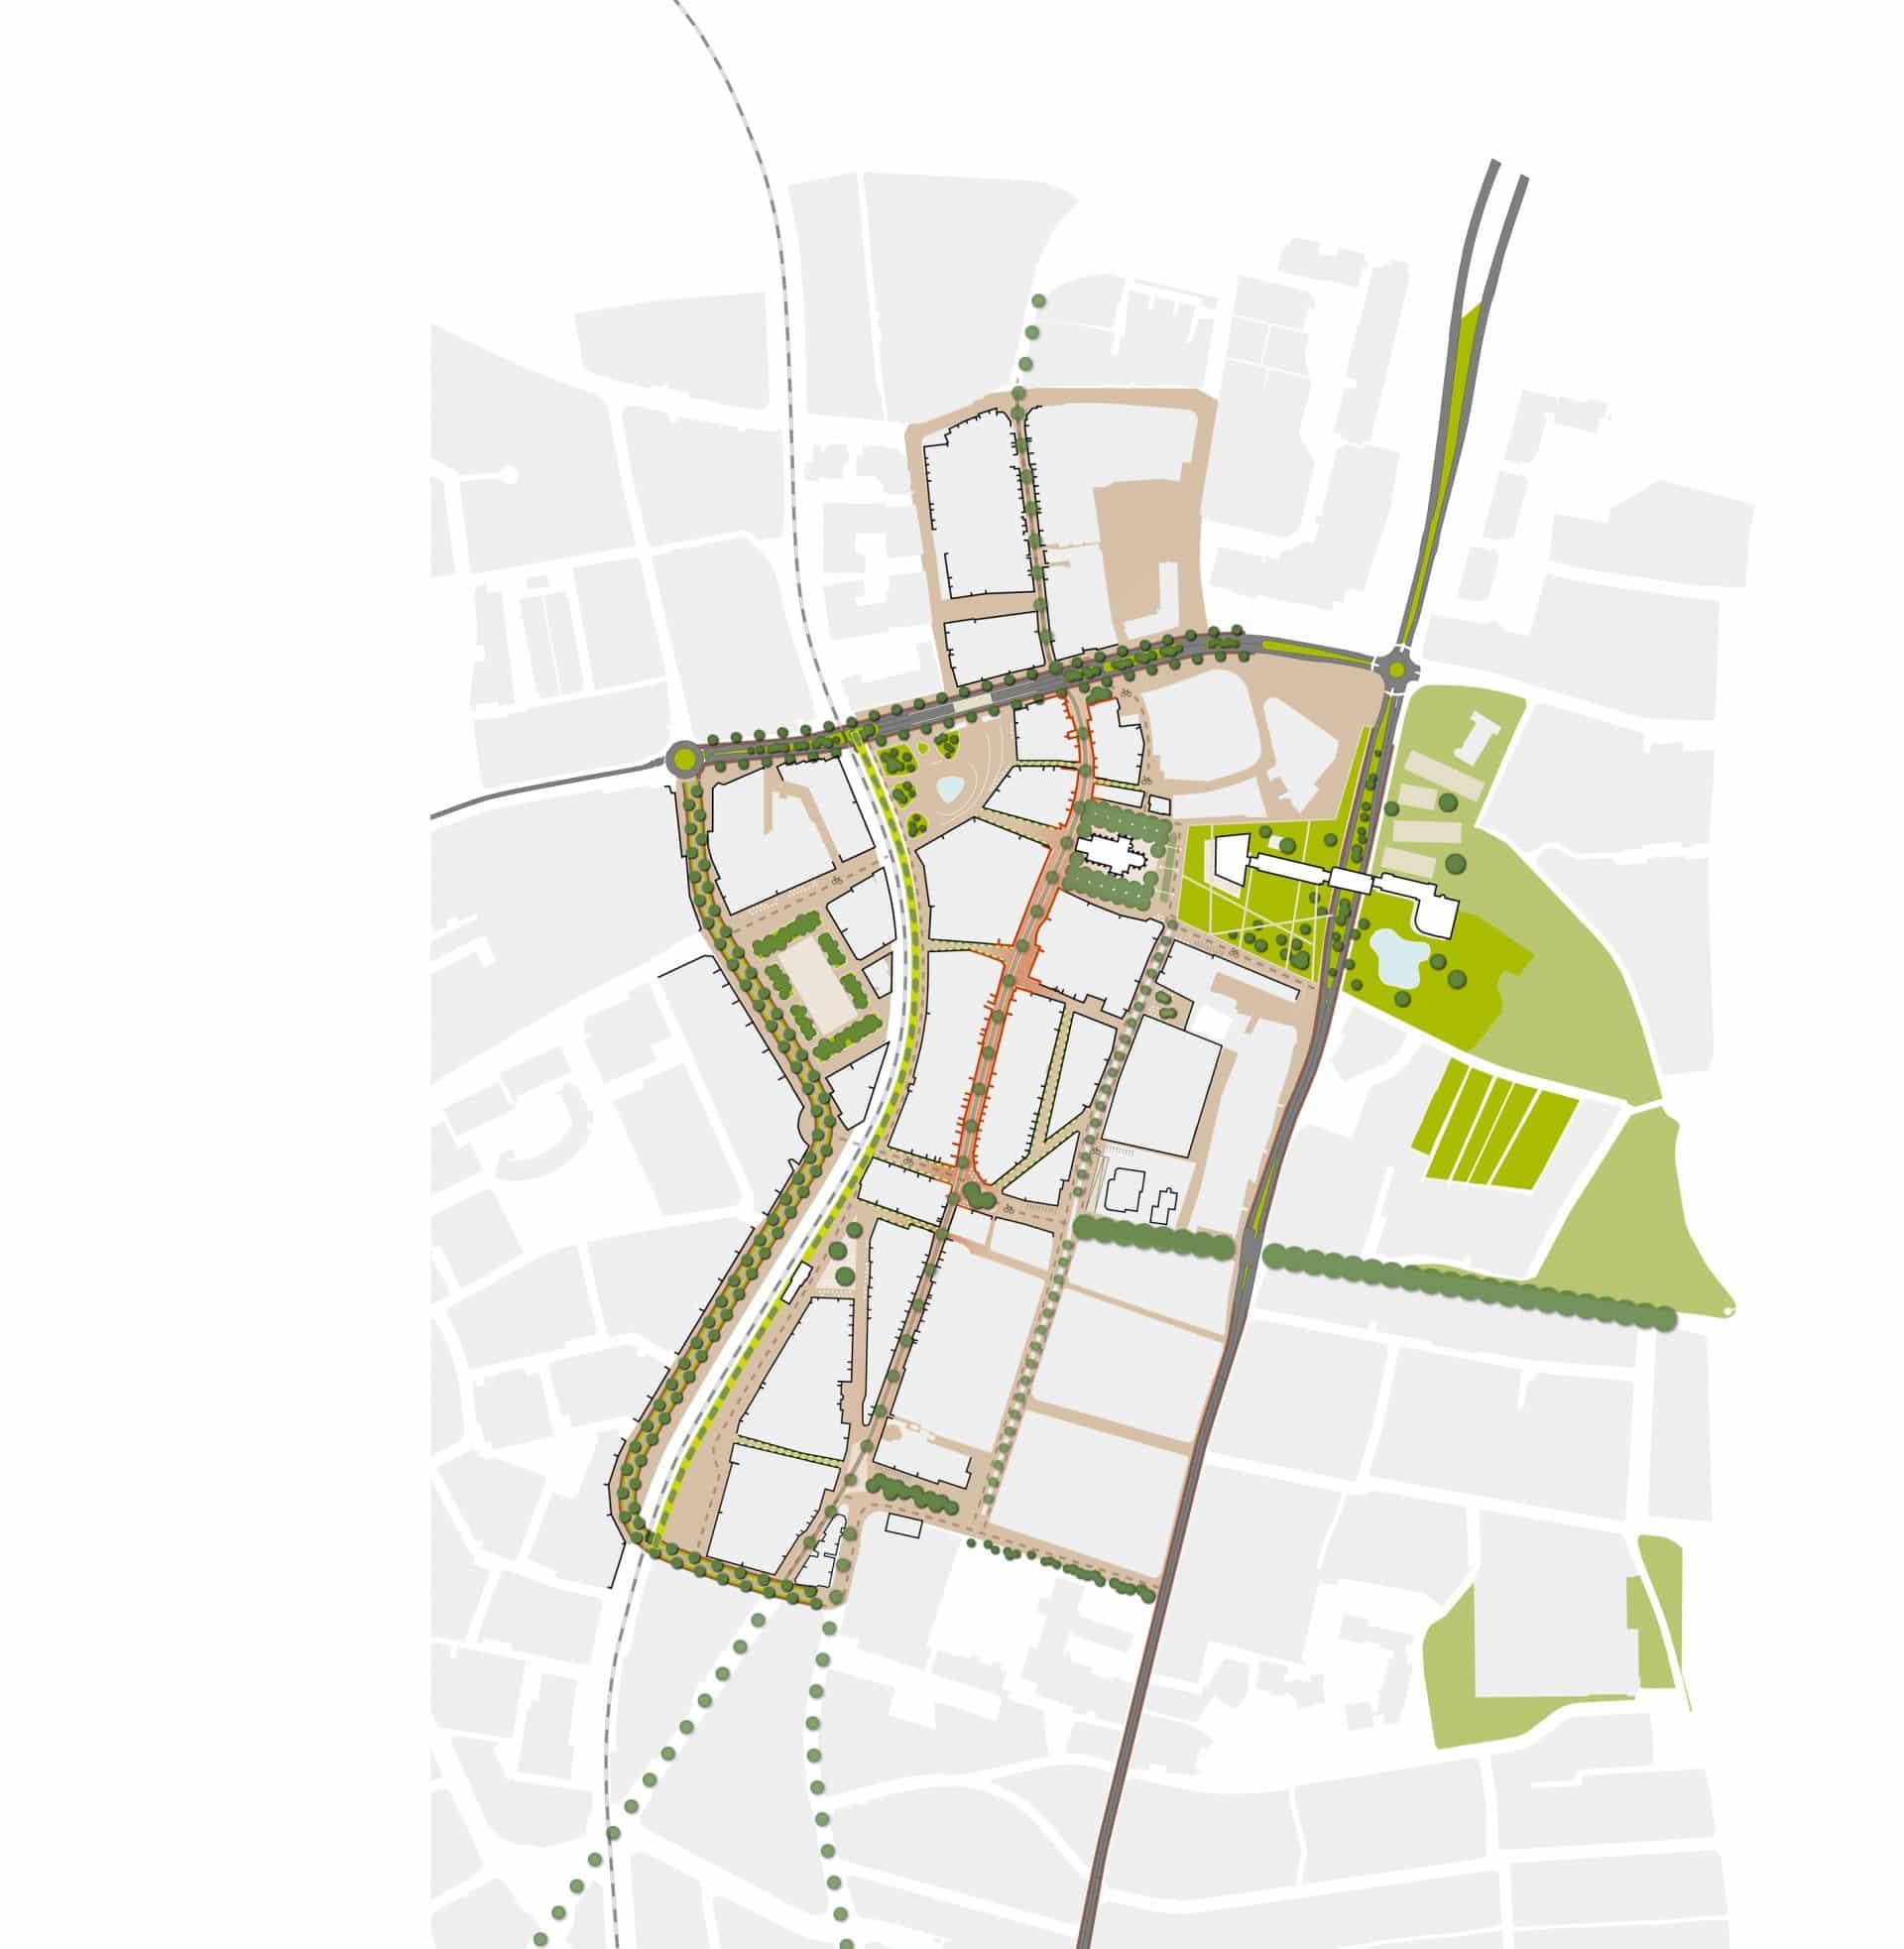 Beeldkwaliteitsplan Ede Centrum Jeroen Hamers